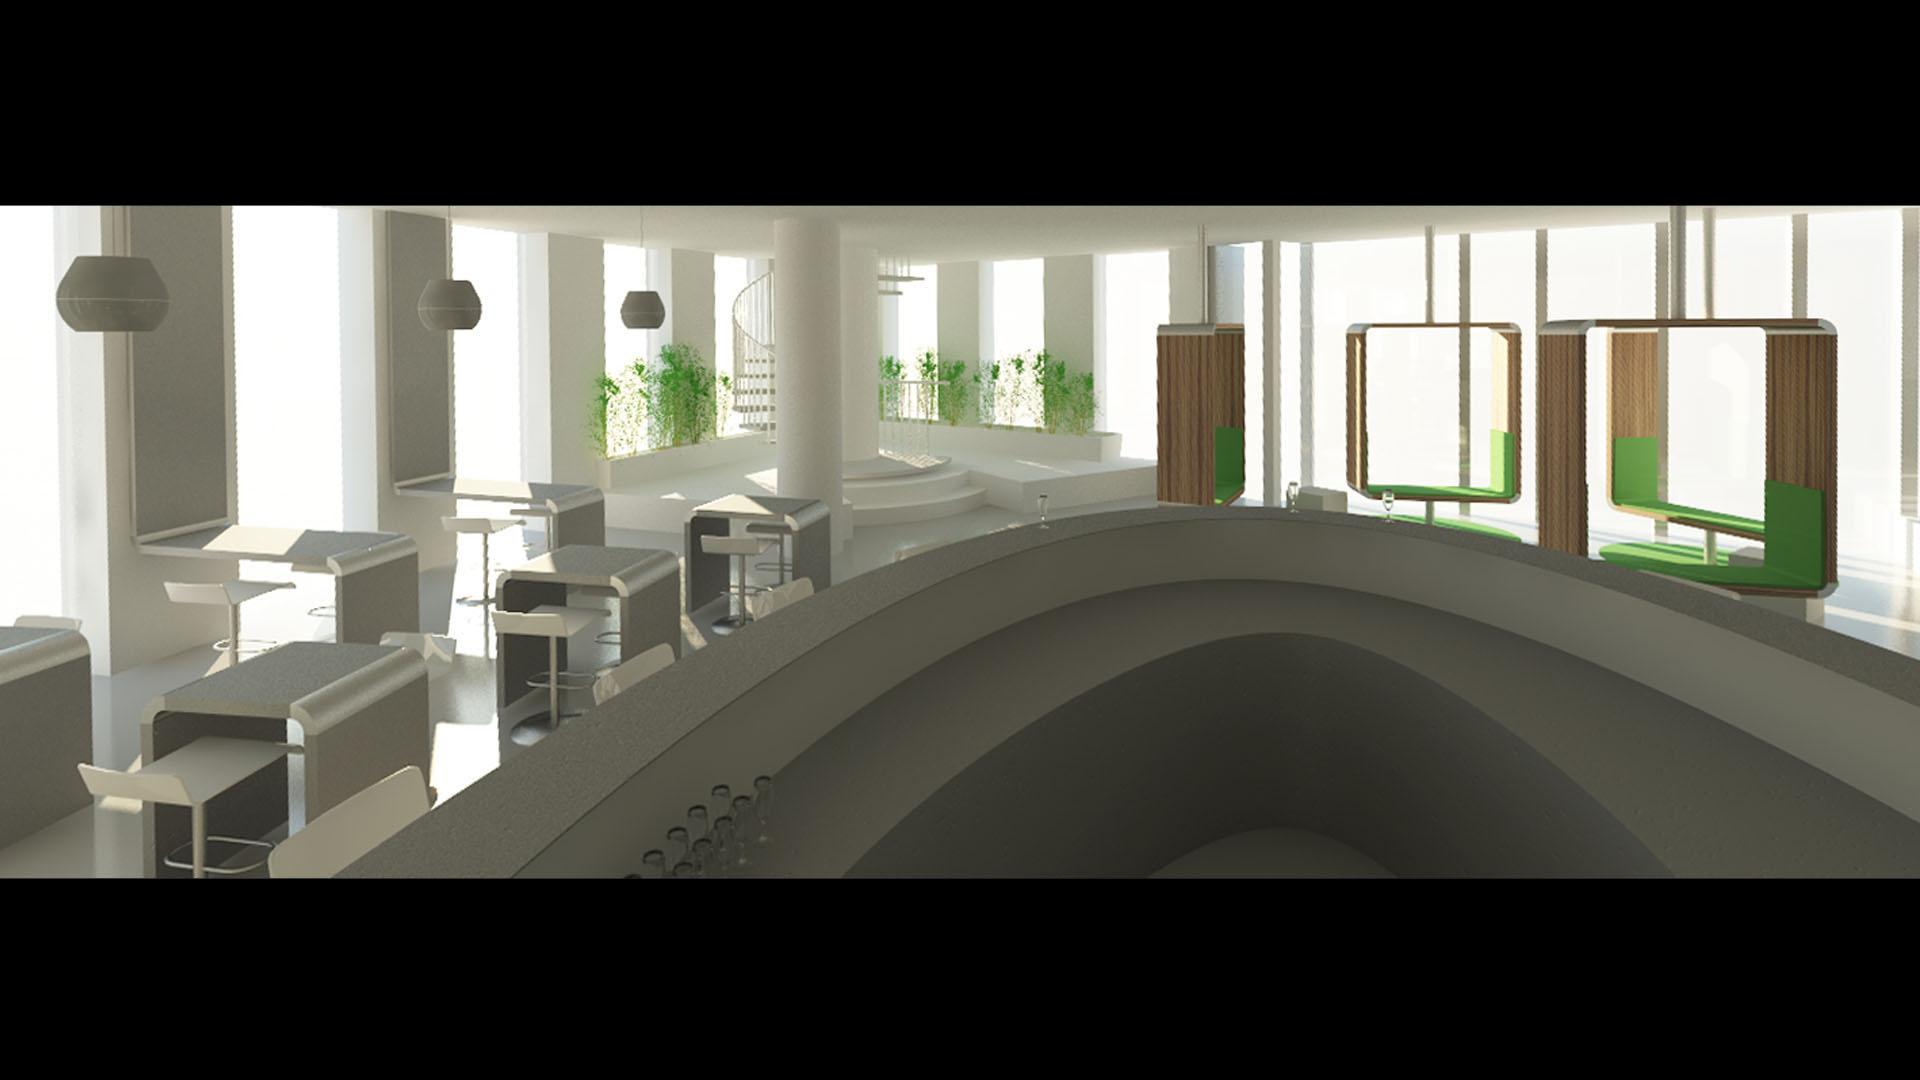 MAASS-Lichtplanung_Gestaltungskonzept Bar__MAASS-Poseidon-Bar-007